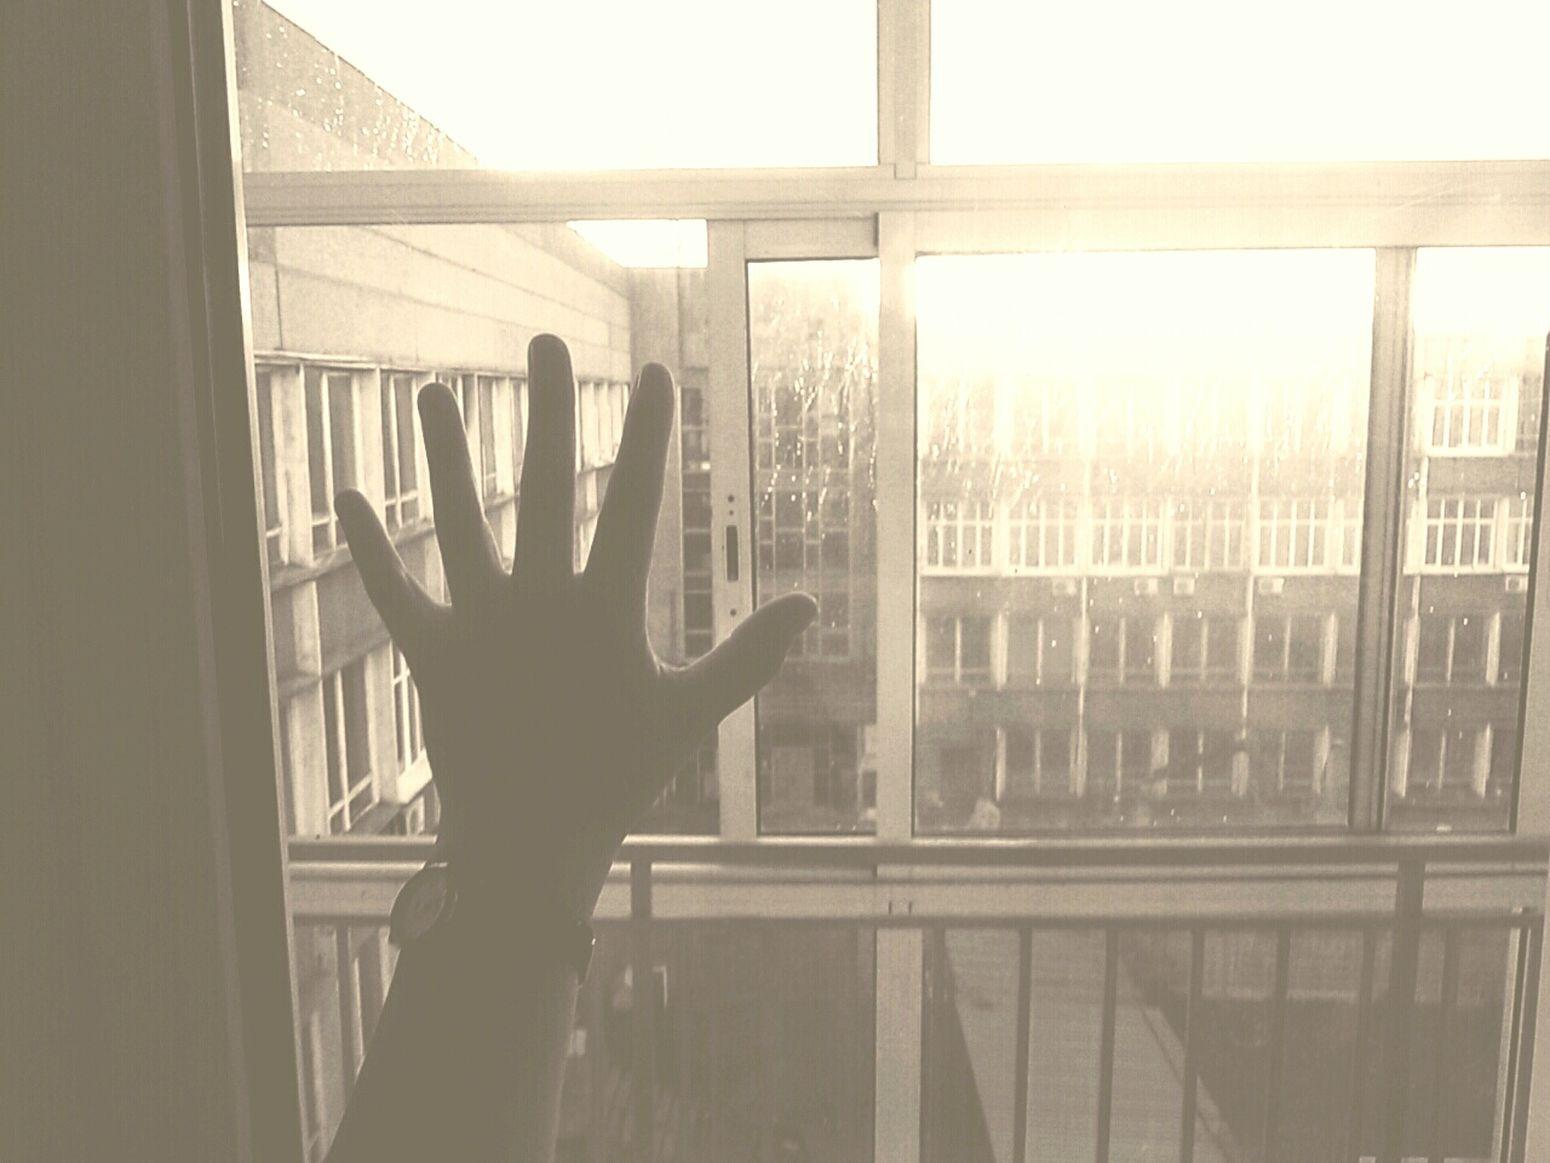 сегодня  мы проснулись вместе . я и мое желание сдохнуть. Всем спасибо👍